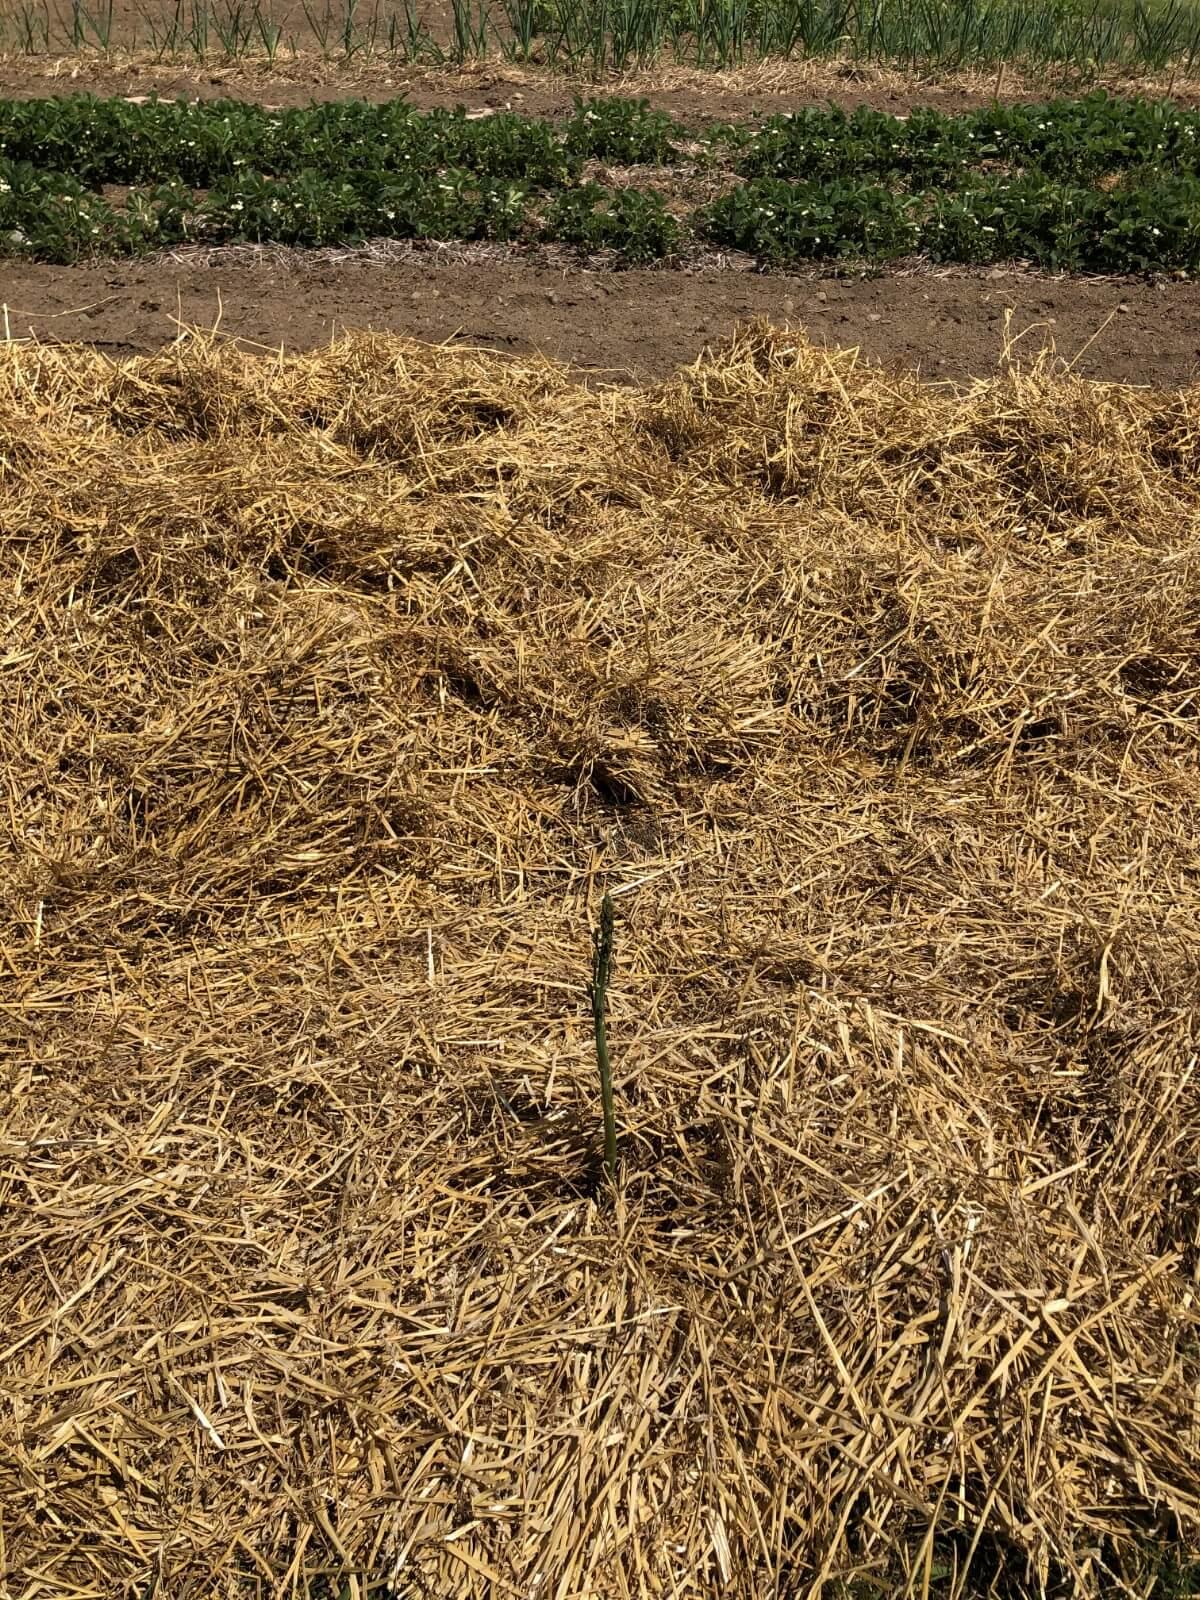 new asparagus growth